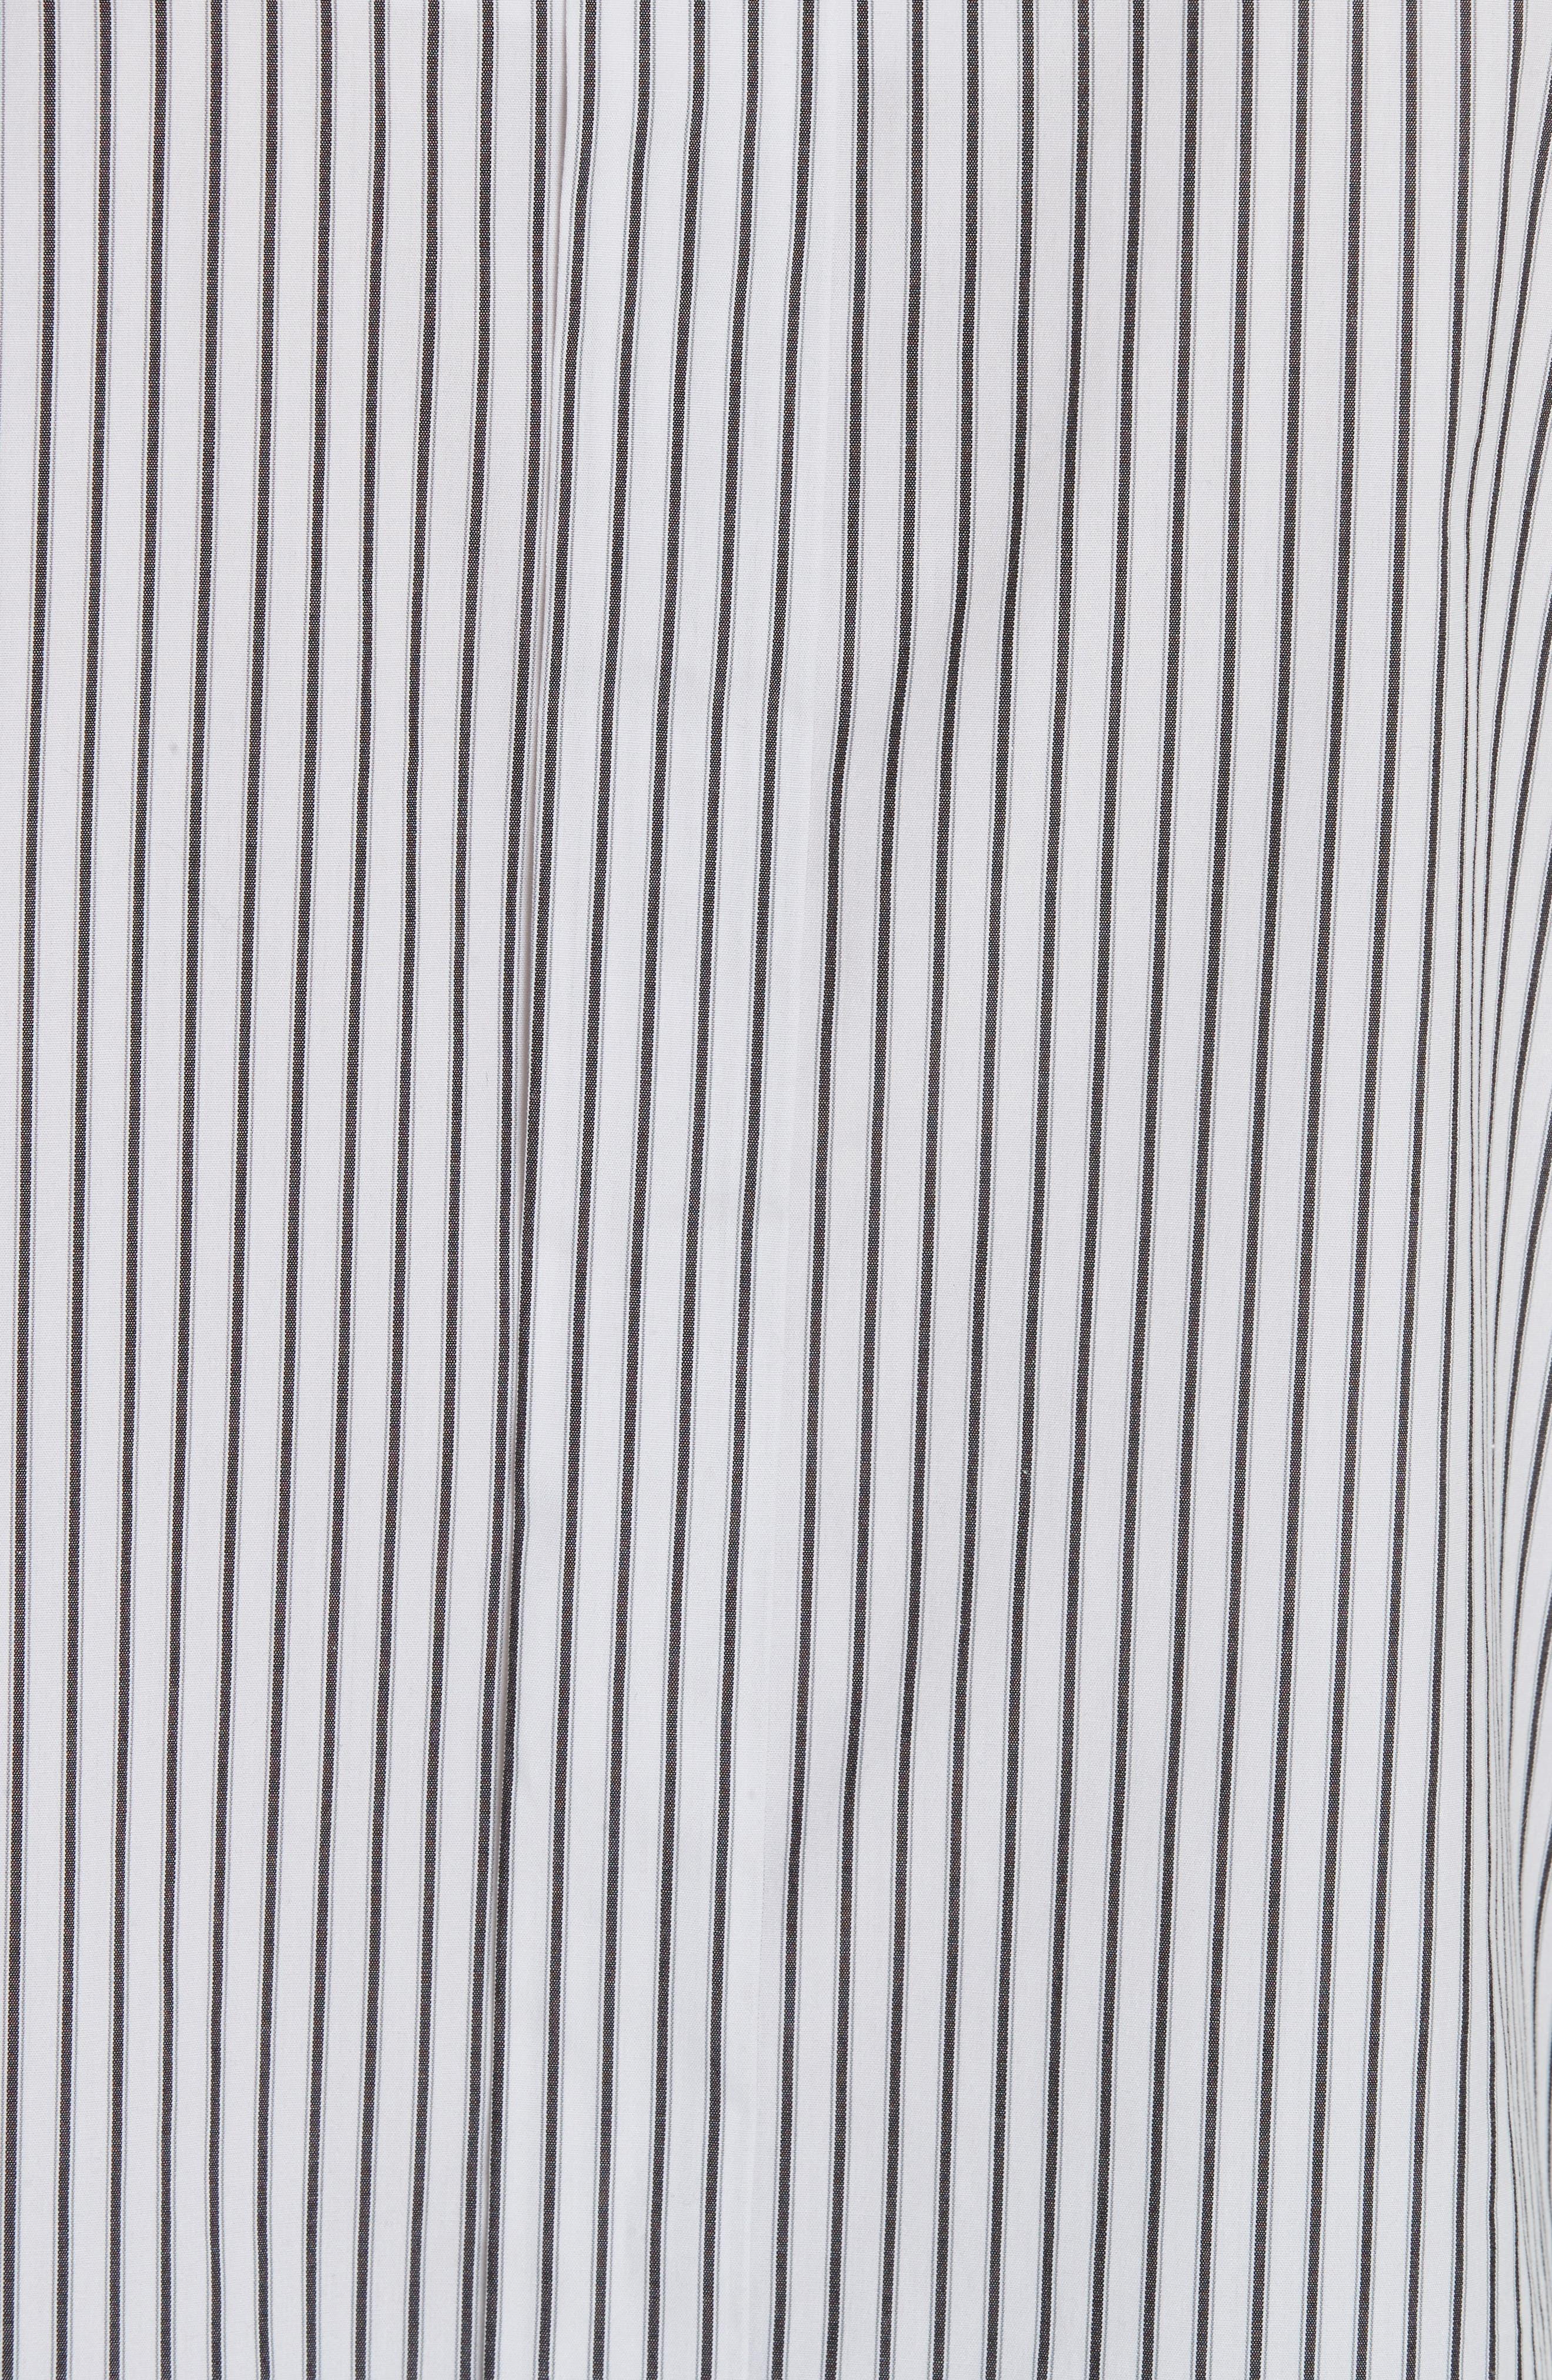 Grommet Scrunch Sleeve Shirt,                             Alternate thumbnail 5, color,                             Blue/ White